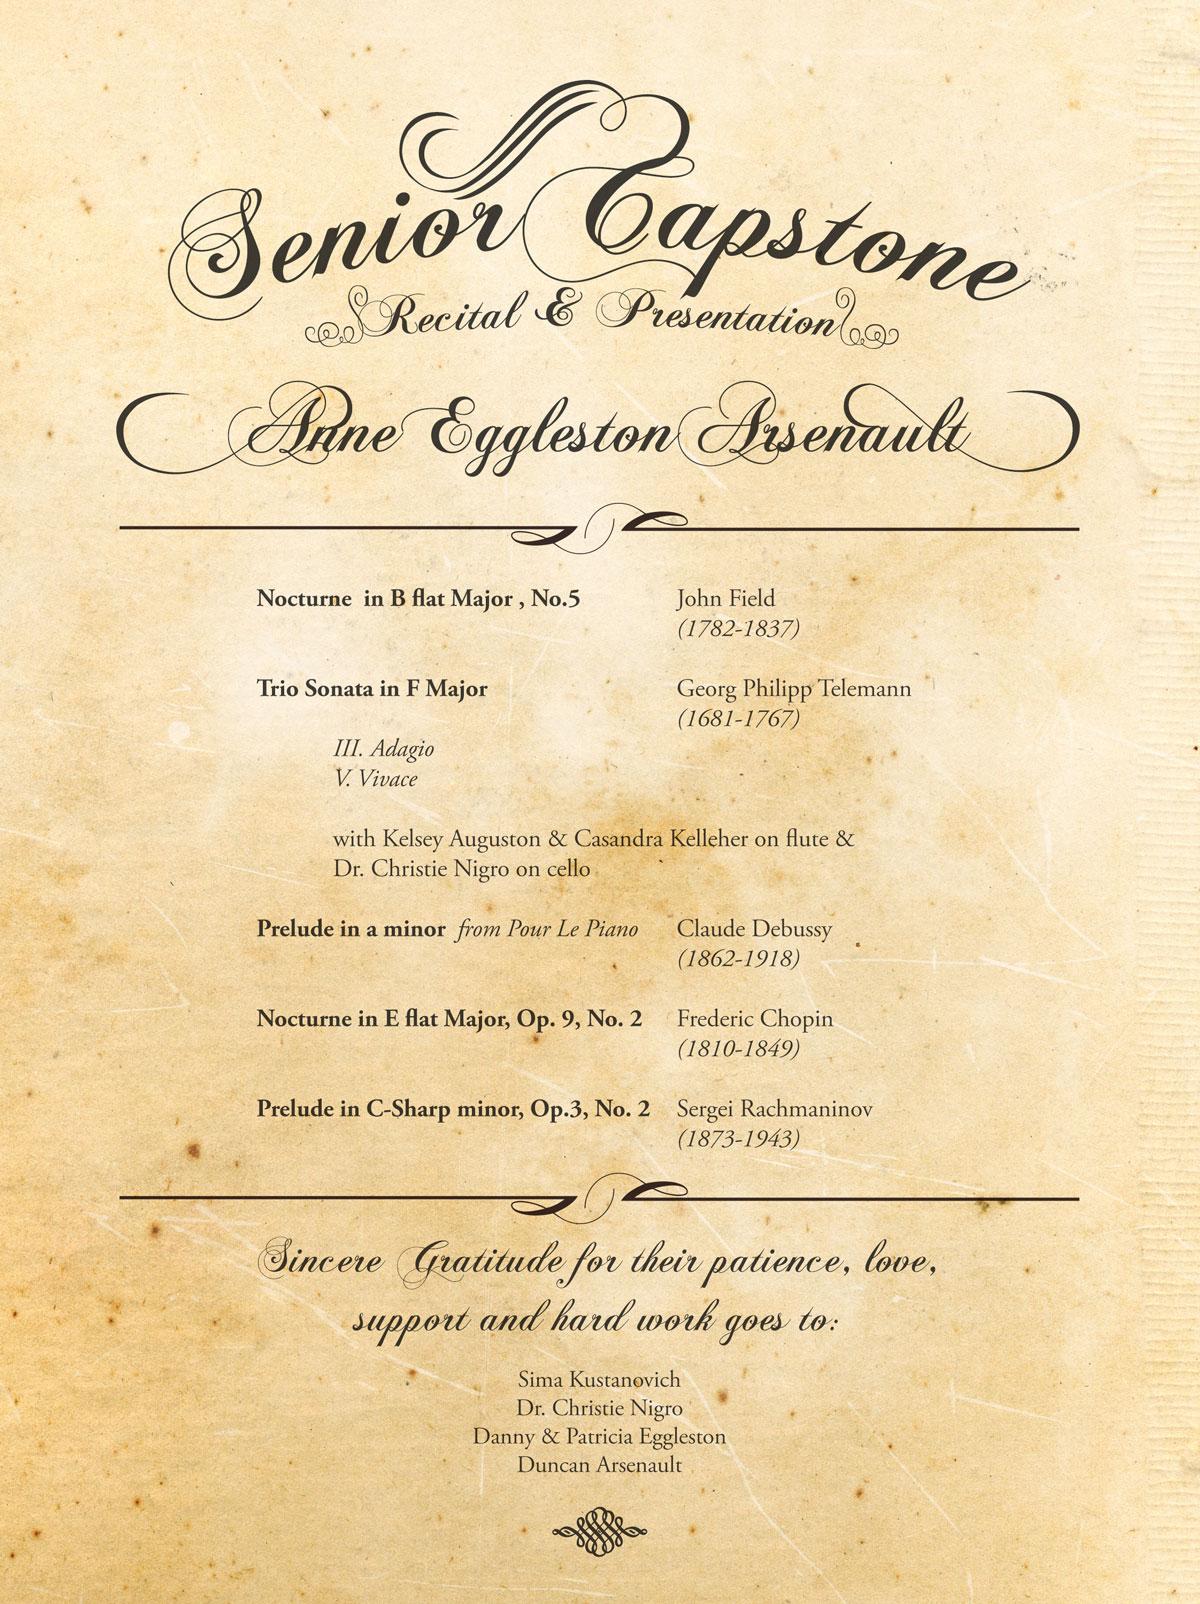 Capstone Program